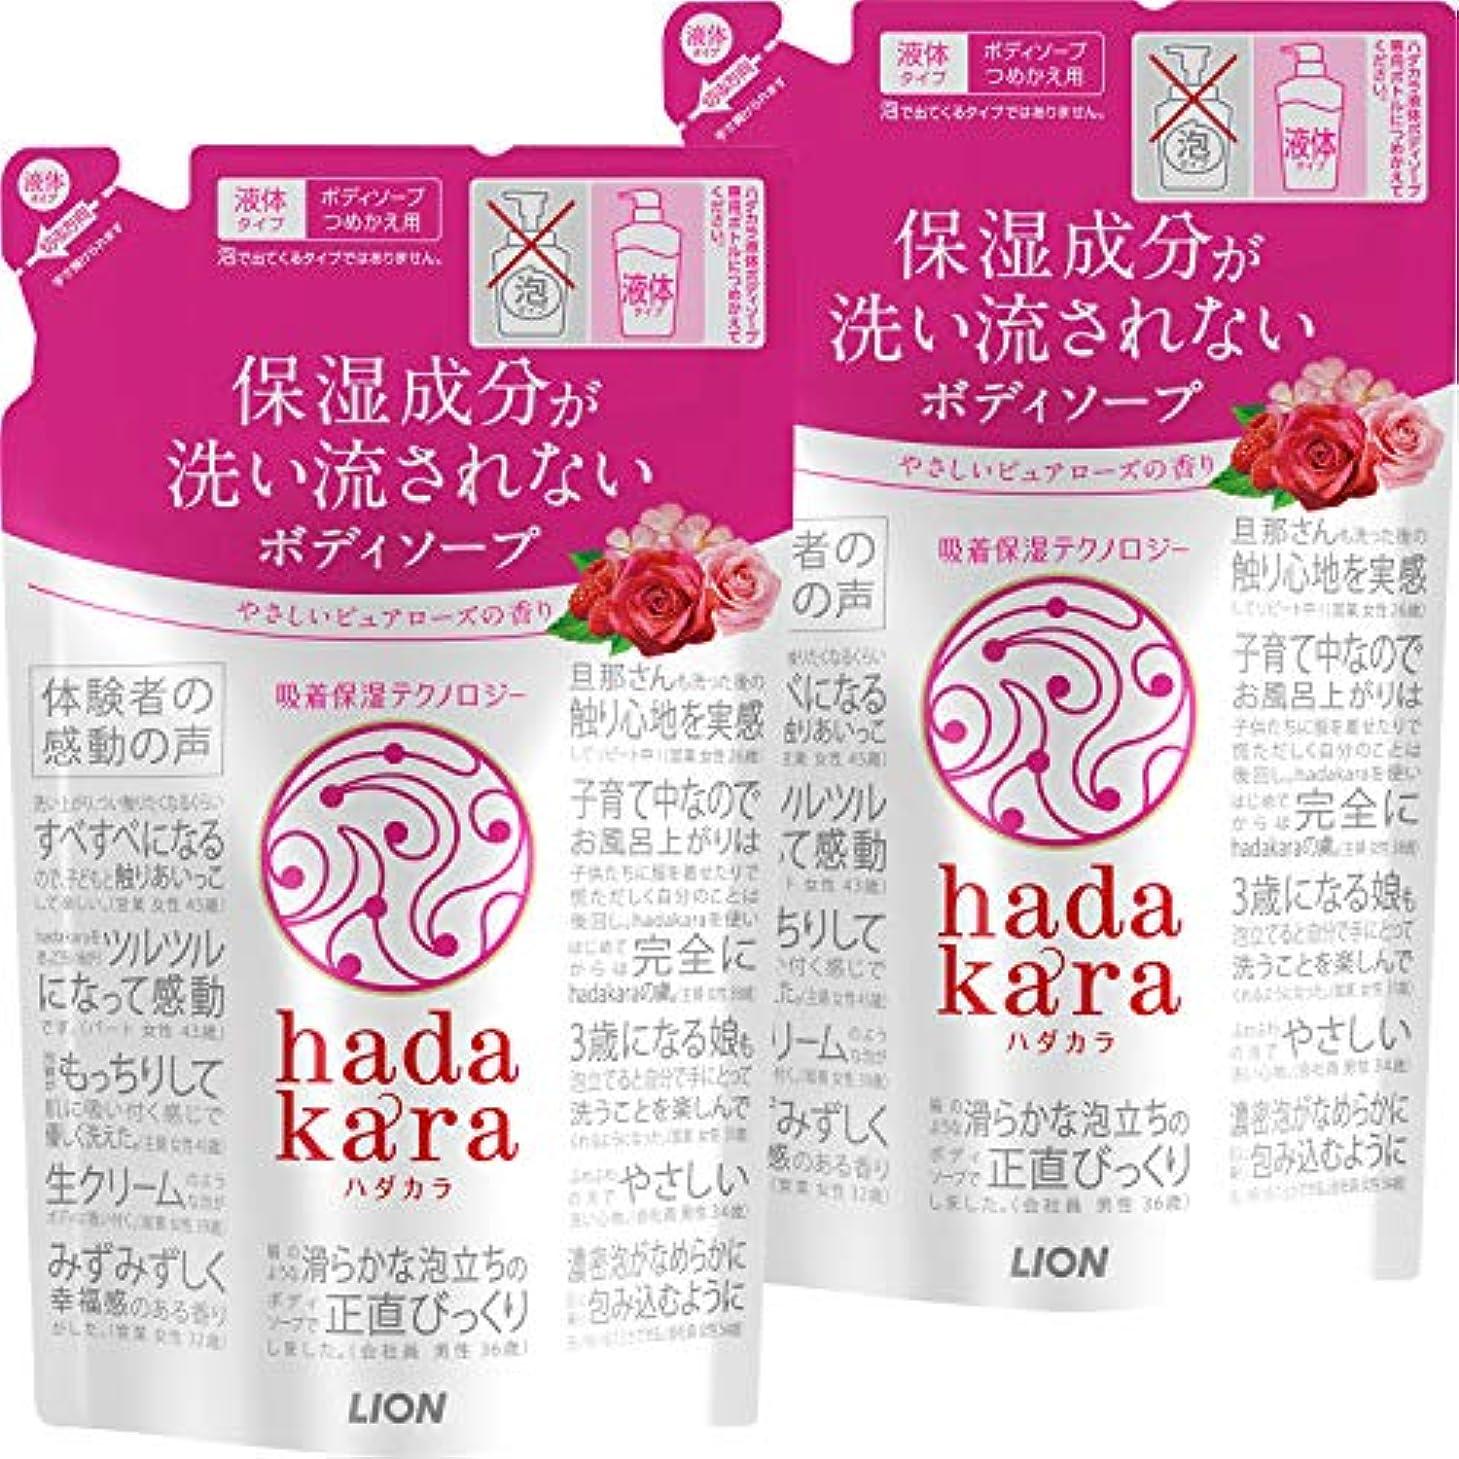 ソース没頭するハドル【まとめ買い】hadakara(ハダカラ) ボディソープ ピュアローズの香り 詰め替え 360ml×2個パック